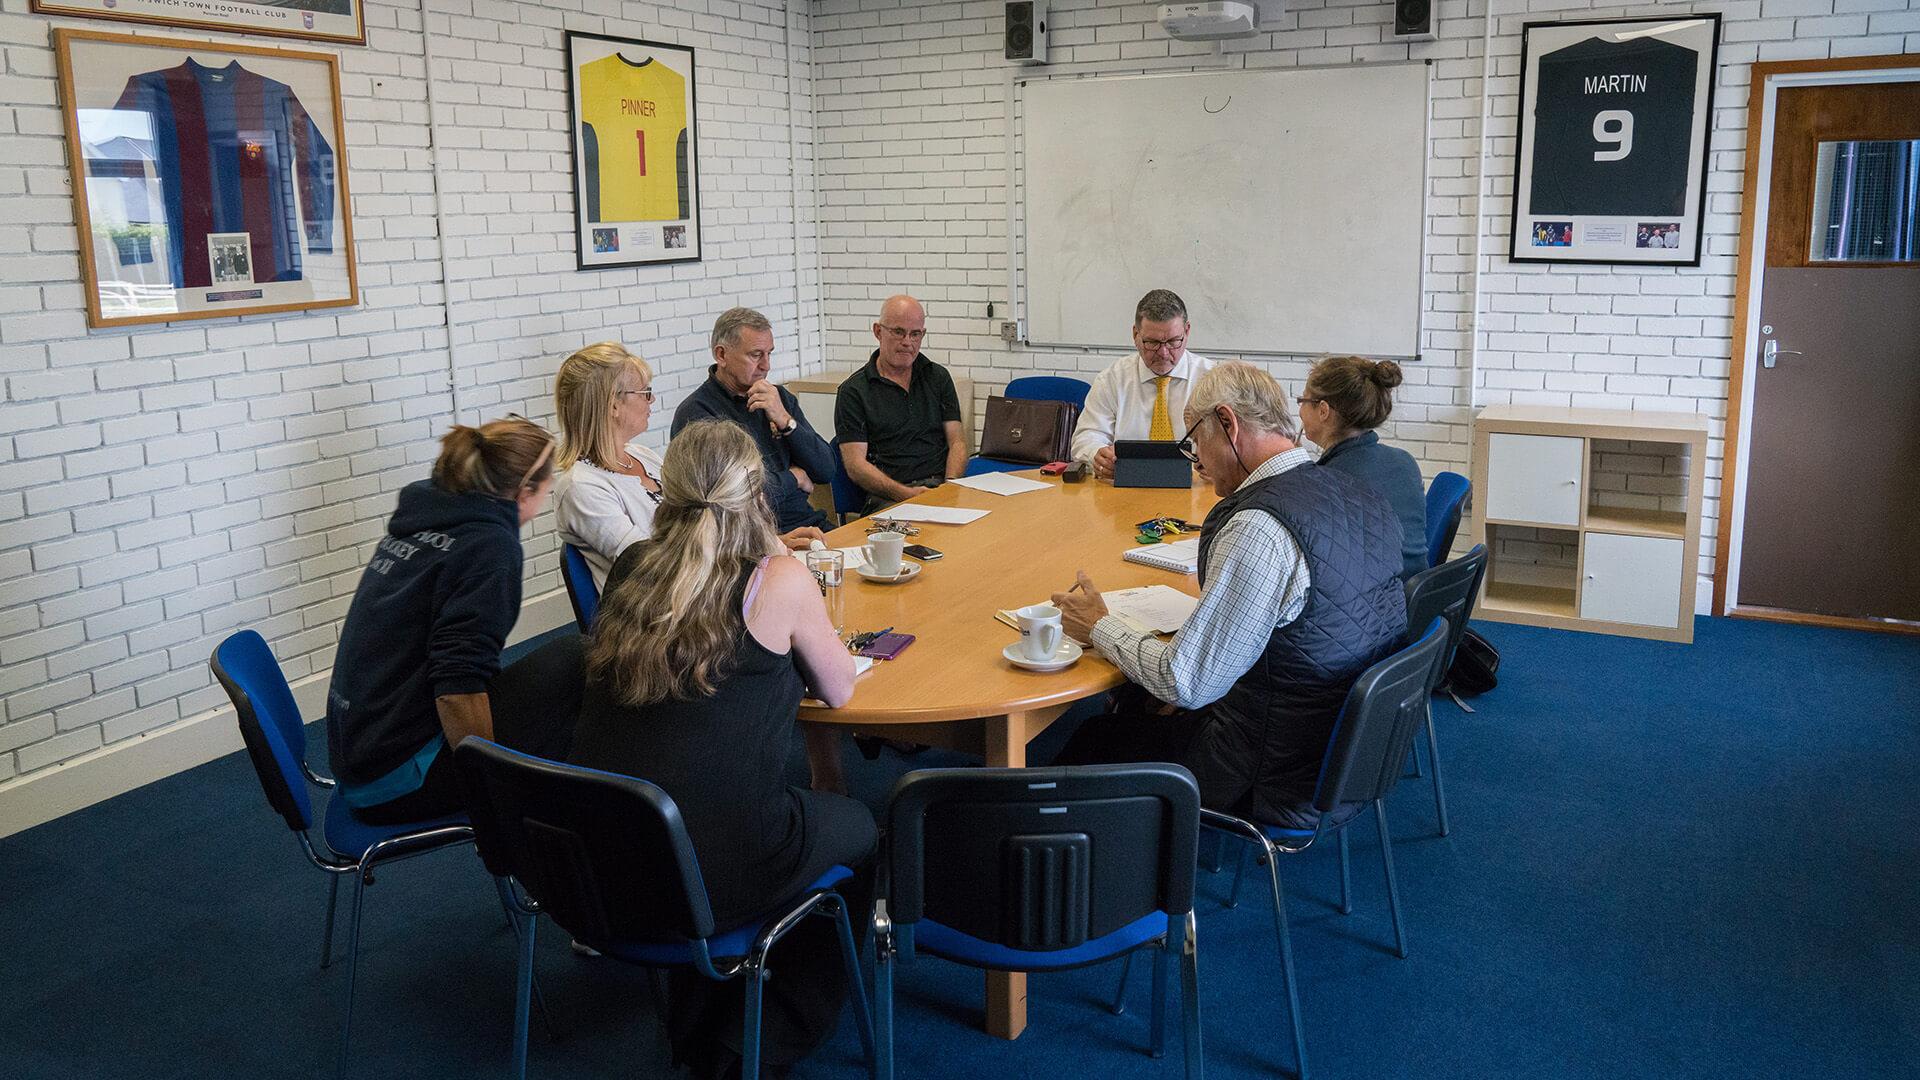 Ipswich Meeting Room Hire